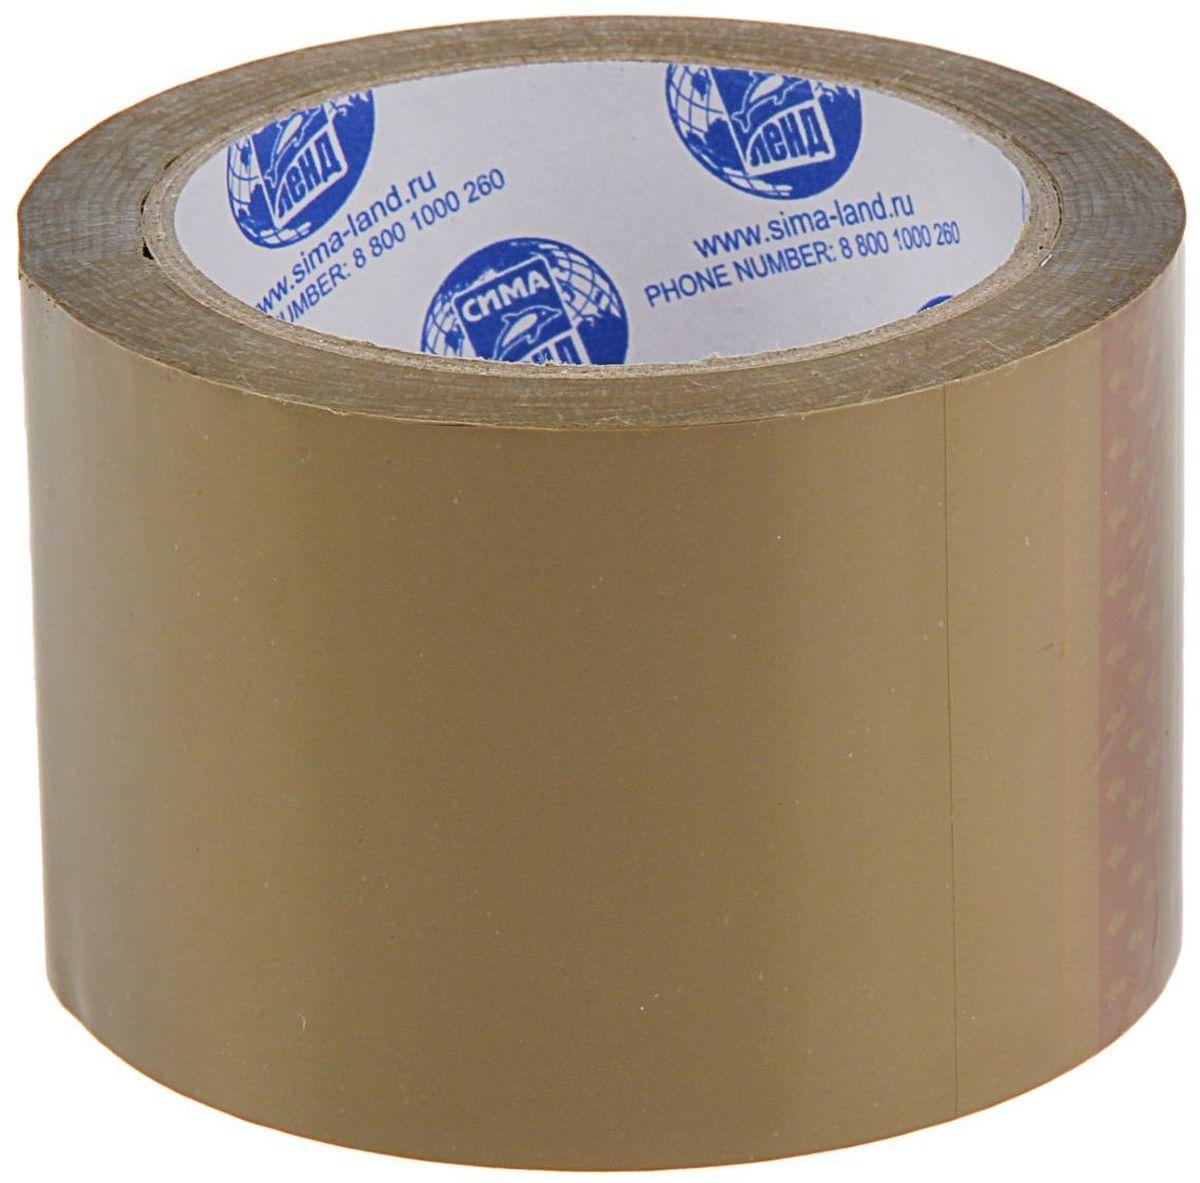 Клейкая лента 72 мм х 66 м цвет коричневый 12682141268214Упаковочная клейкая лента изготовлена из двуосноориентированного полипропилена (ВОРР) высокой прочности с нанесением клеевого слоя с одной стороны ленты.Она универсальна и используется, в основном, для заклейки гофрокоробов, оклеивания различных грузов, обернутых в стрейч-пленку или в полиэтиленовую пленку.Не следует клеить ленту непосредственно на неупакованную продукцию, так как следы клея плохо отмываются.